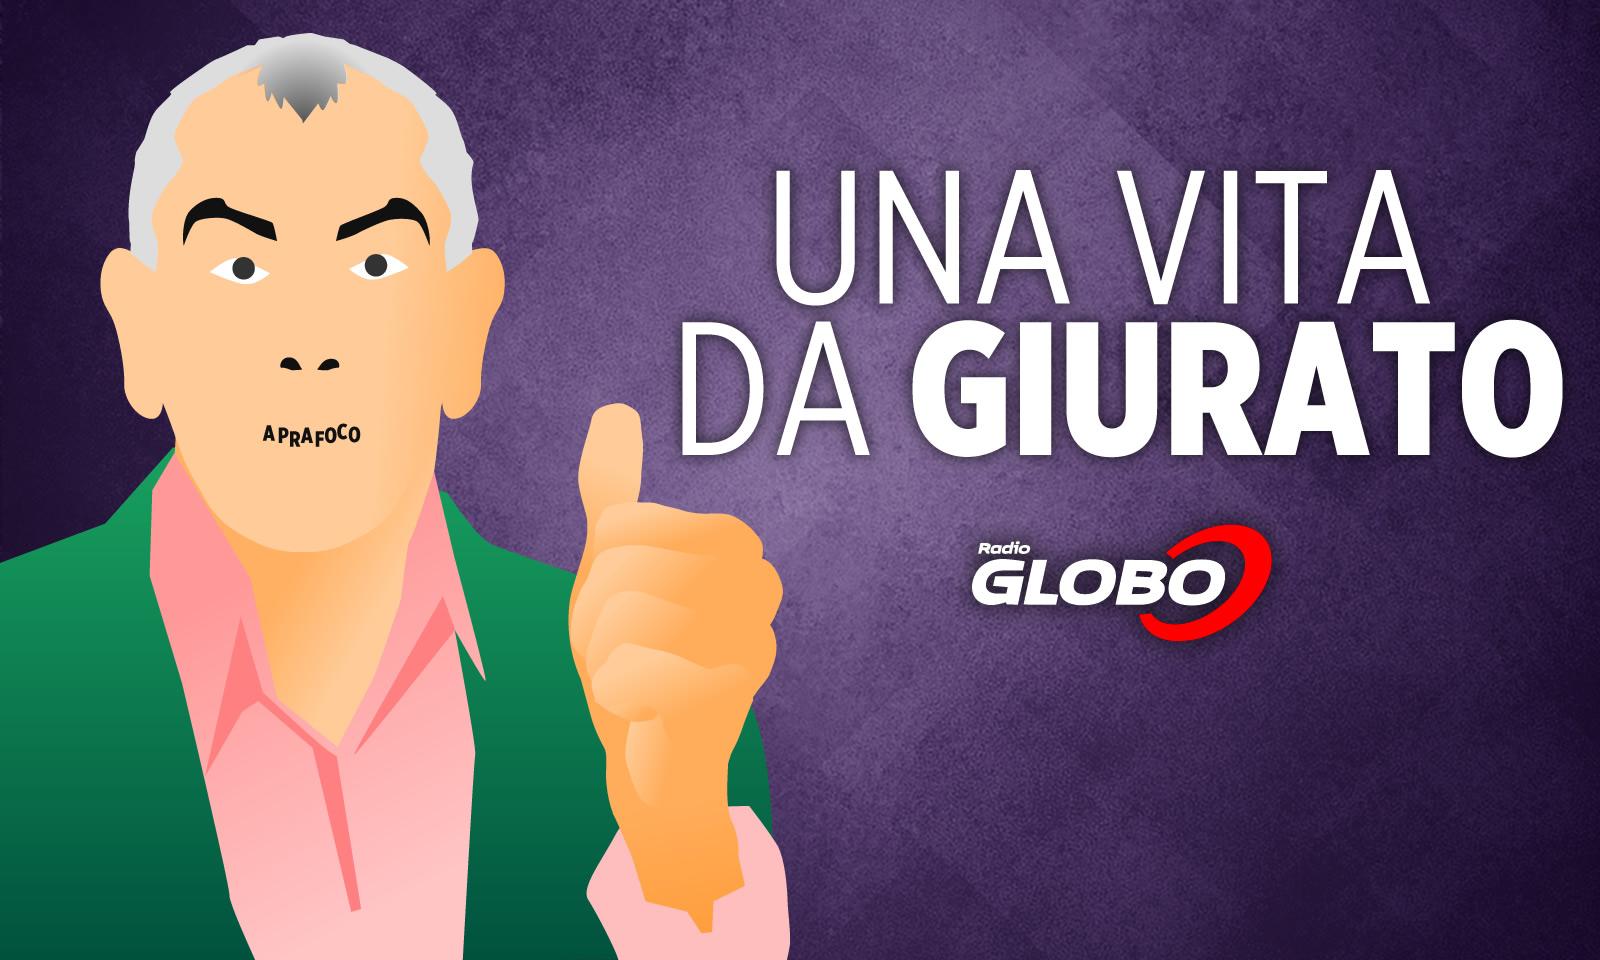 Una Vita da Giurato - Radio Globo